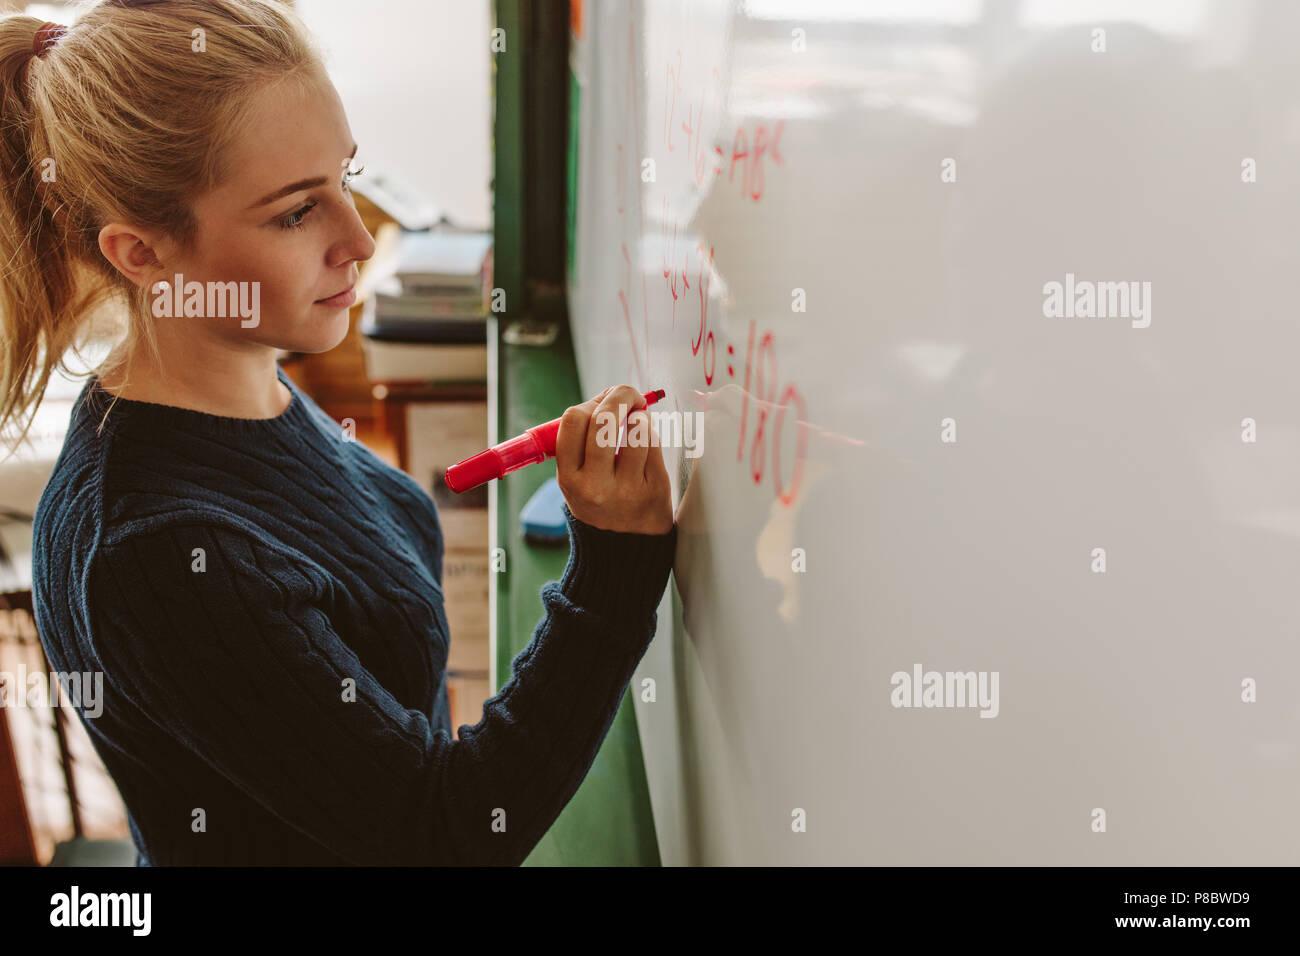 Close up of female student écrit une équation sur un tableau blanc dans la classe. L'écriture de fille à bord pendant les cours de maths. Photo Stock